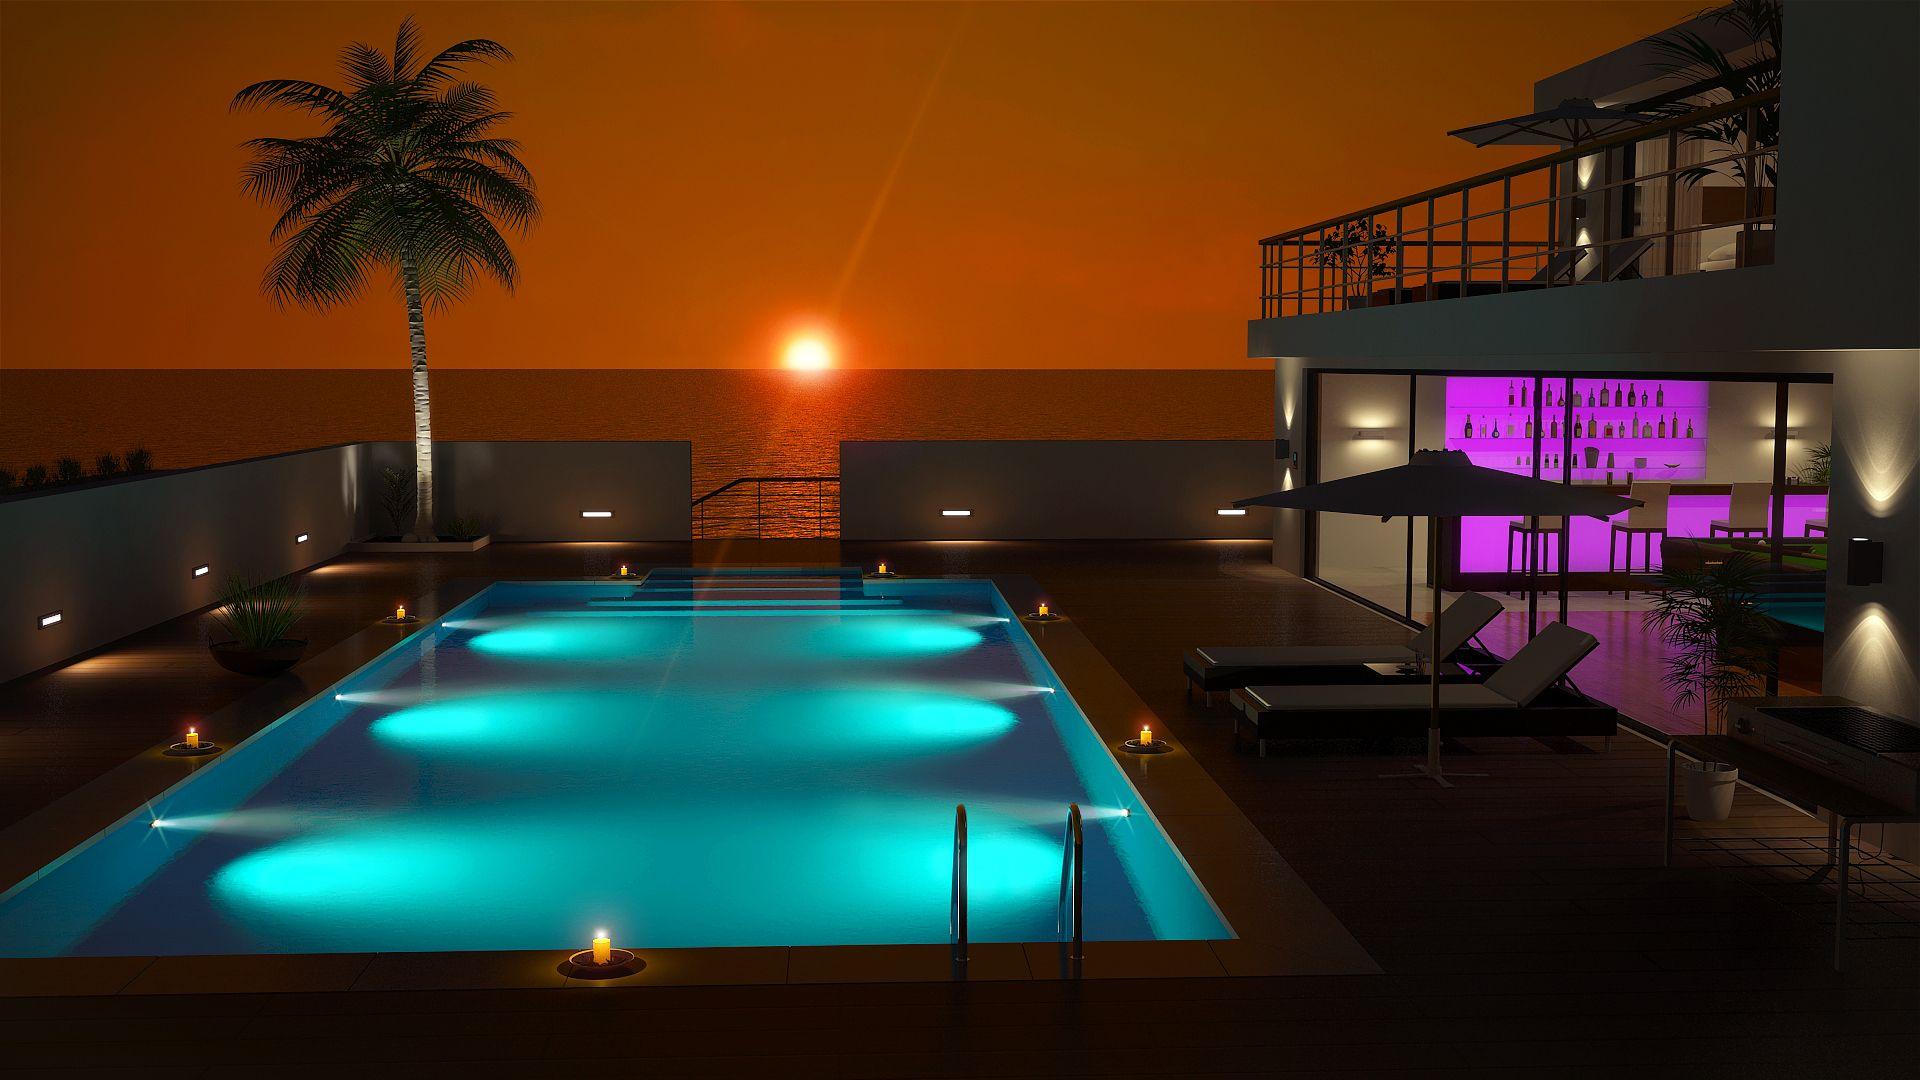 Hd Wallpapers 1080p Widescreen Quotes Beach House Wallpaper For Desktop Pixelstalk Net